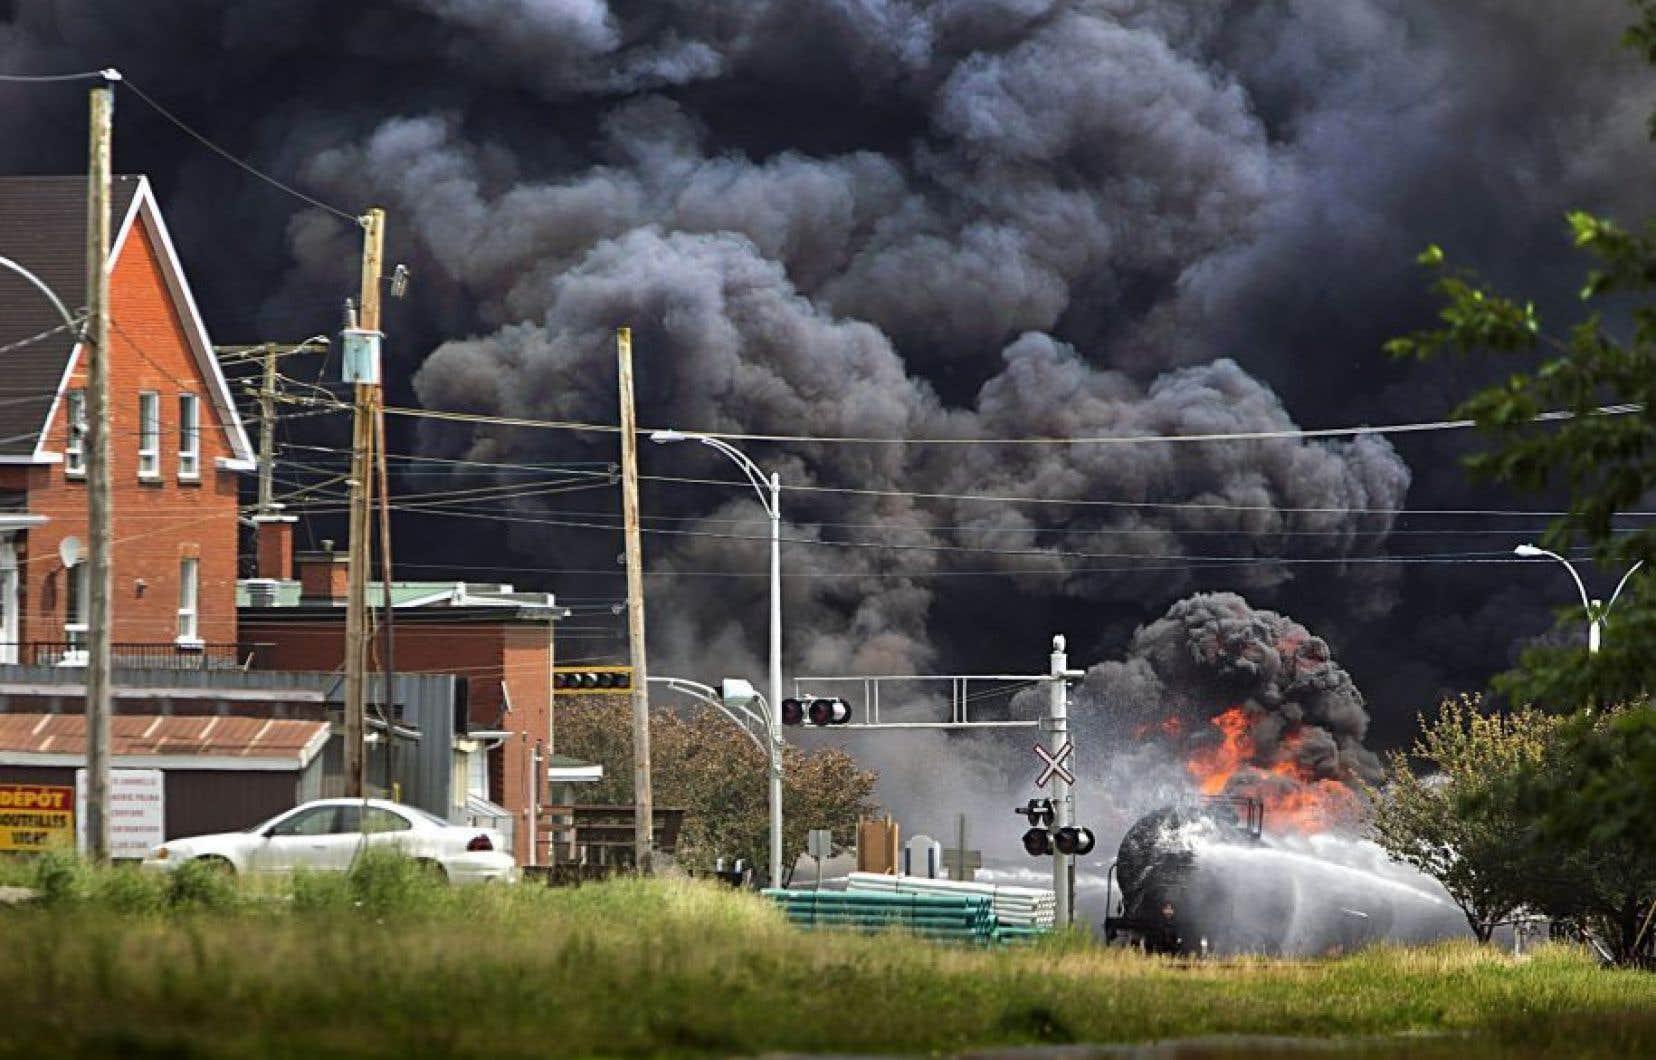 Le 6 juillet 2013, un train transportant du pétrole brut a dévalé la pente menant à la municipalité et a déraillé, provoquant une explosion qui a tué 47 personnes et détruit le centre-ville de Lac-Mégantic.